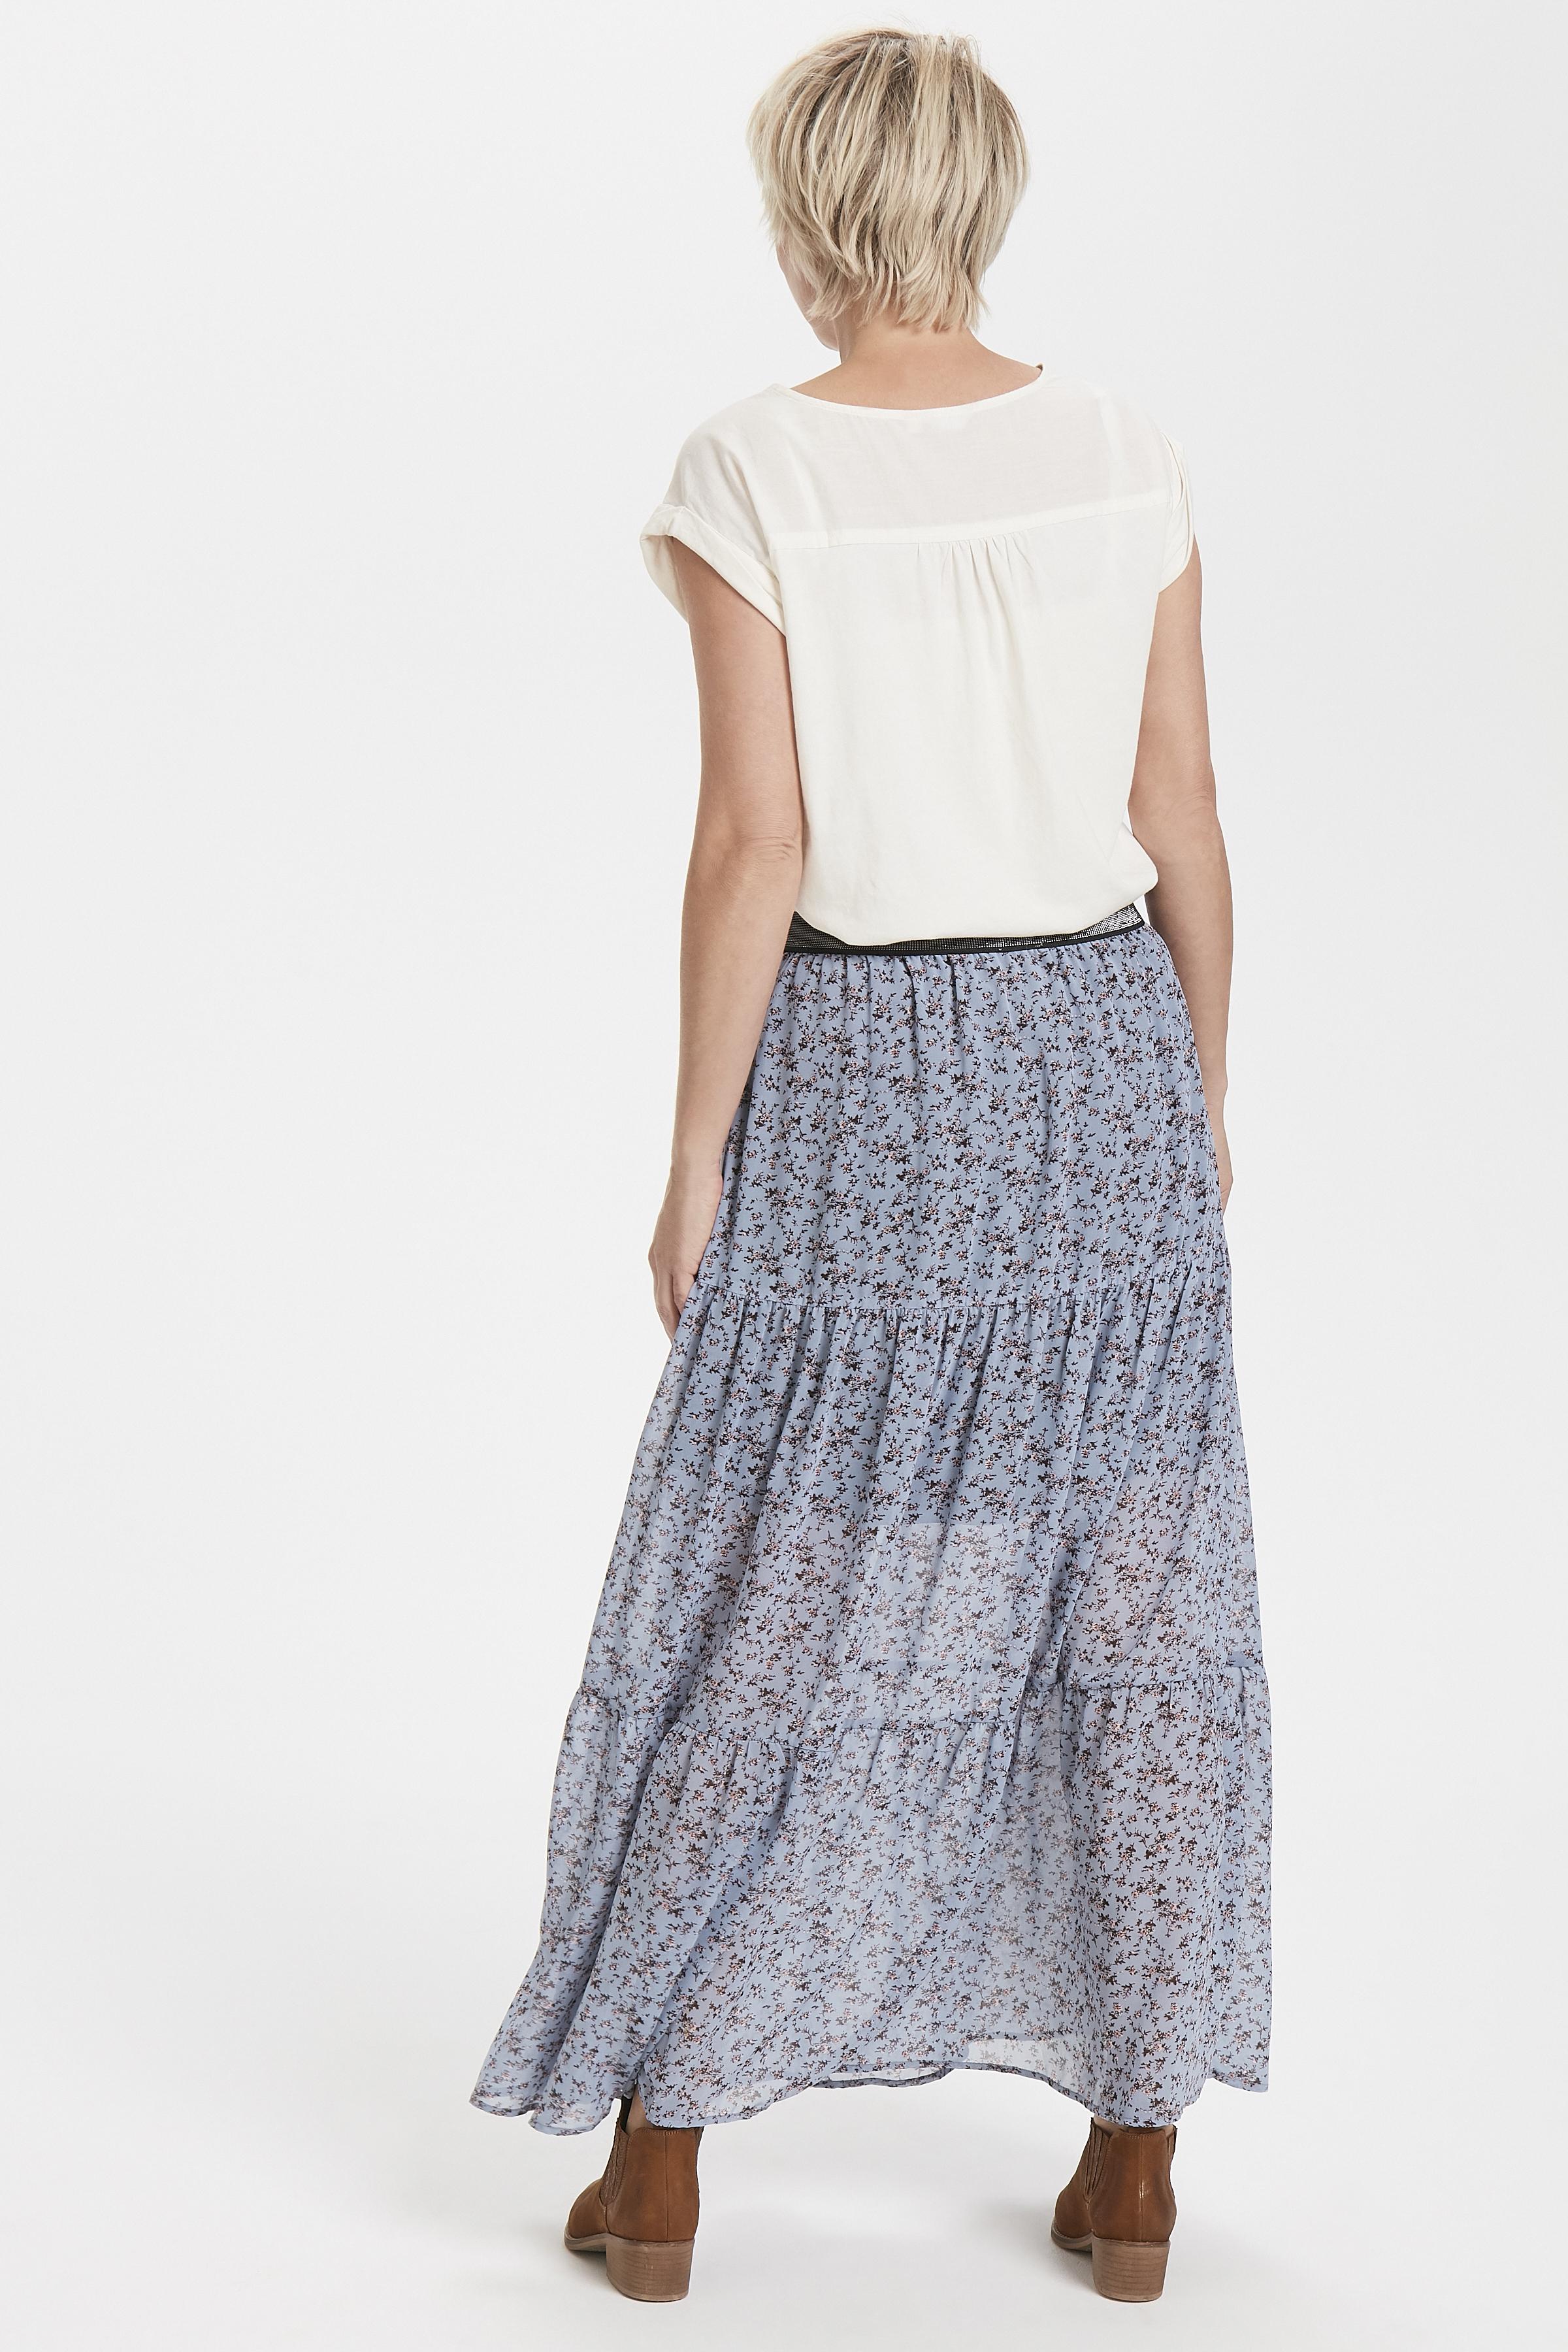 Creme Kortærmet bluse  fra Bon'A Parte – Køb Creme Kortærmet bluse  fra str. S-2XL her